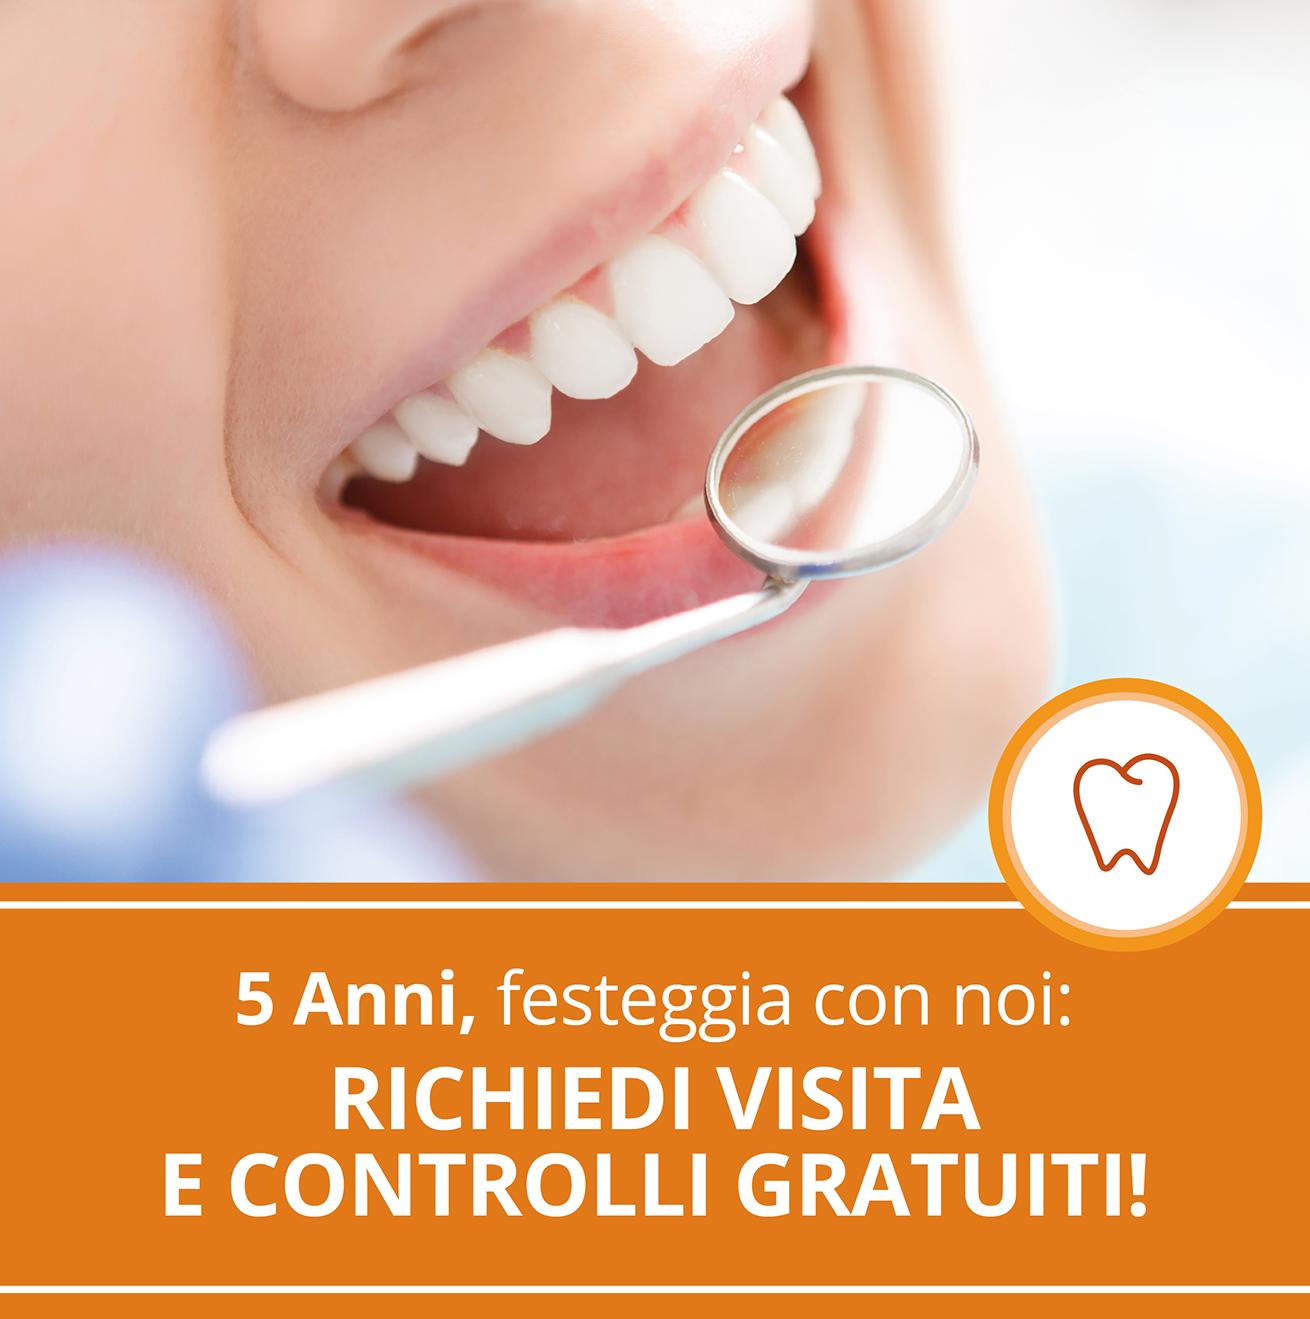 Clinica odontoiatrica Take Care - promo visita gratuita